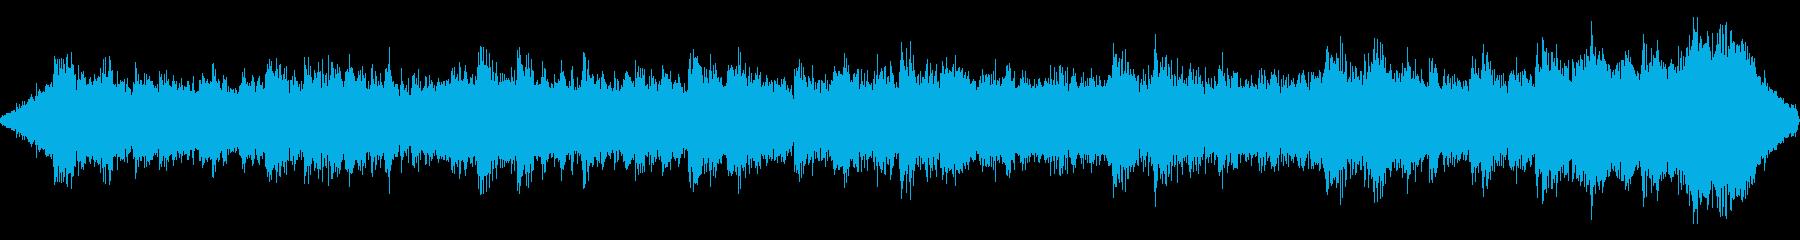 RPG 旅立ちオーケストラ オケ30秒版の再生済みの波形